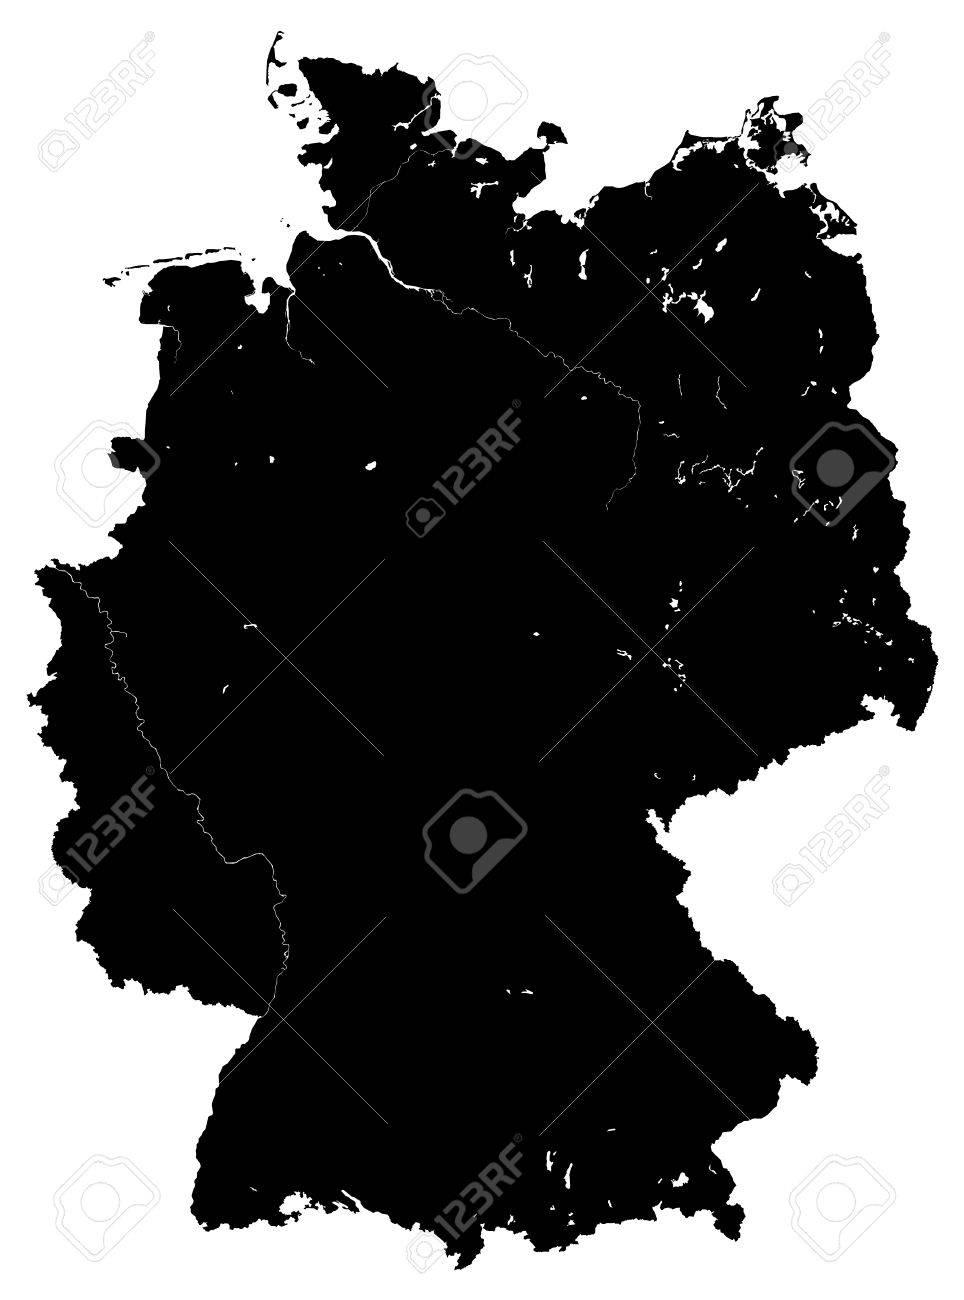 karte deutschland schwarz weiß Deutschland Karte Vektor Schwarz Weiß Lizenzfrei Nutzbare